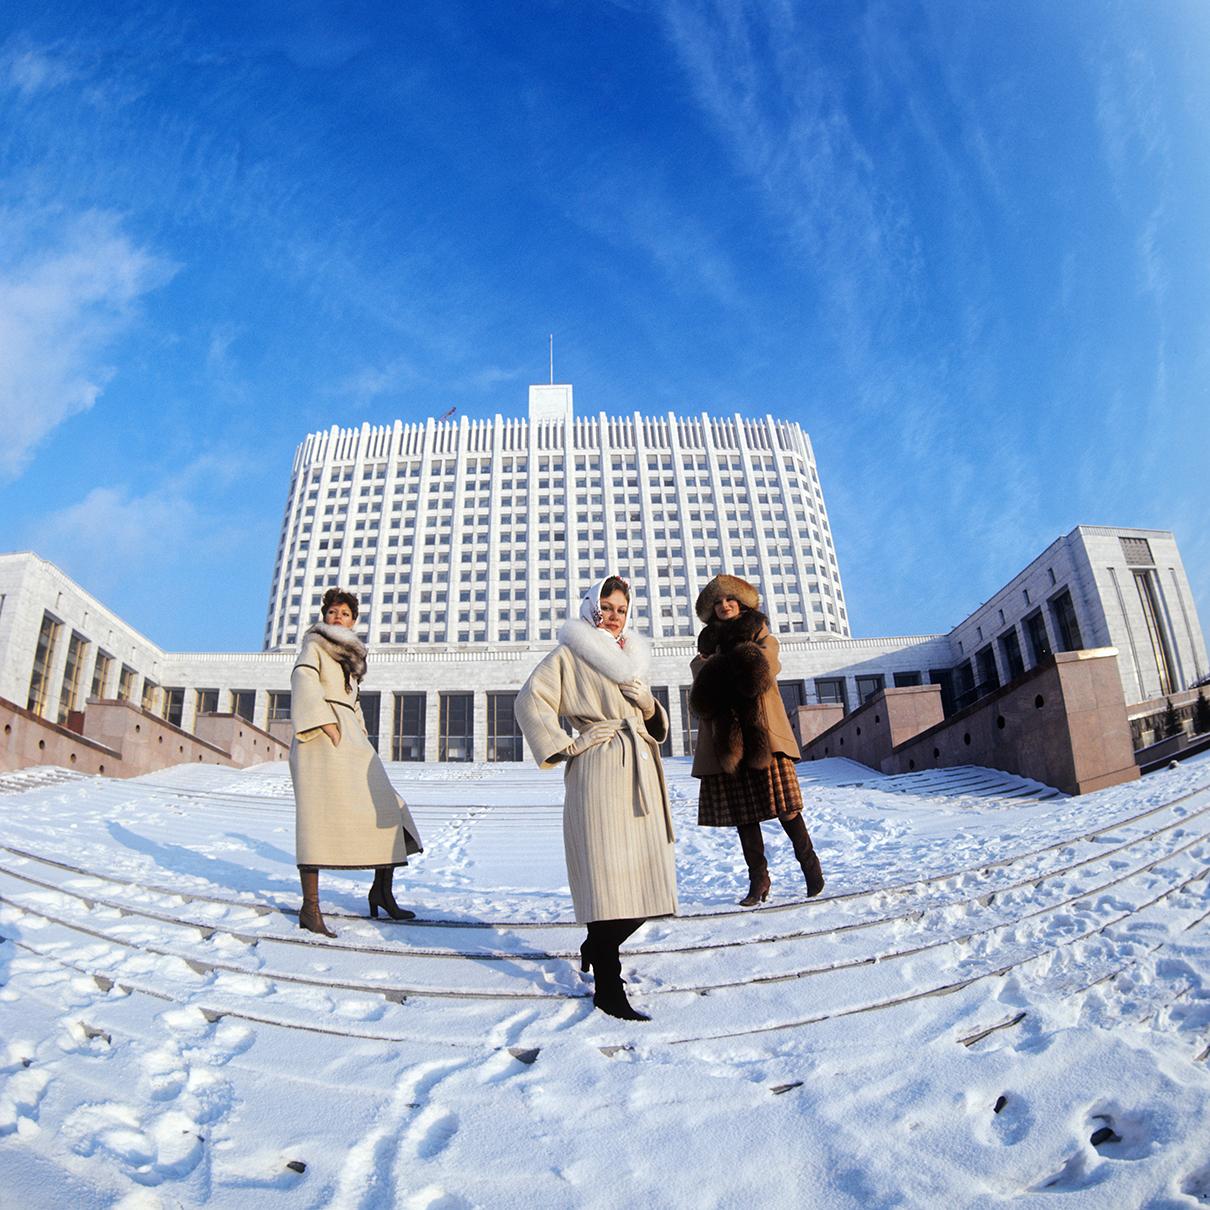 1977 год. Демонстрация женских зимнихпальто из коллекции салона «Москвичка». Пальто отделаны мехом песца и енота